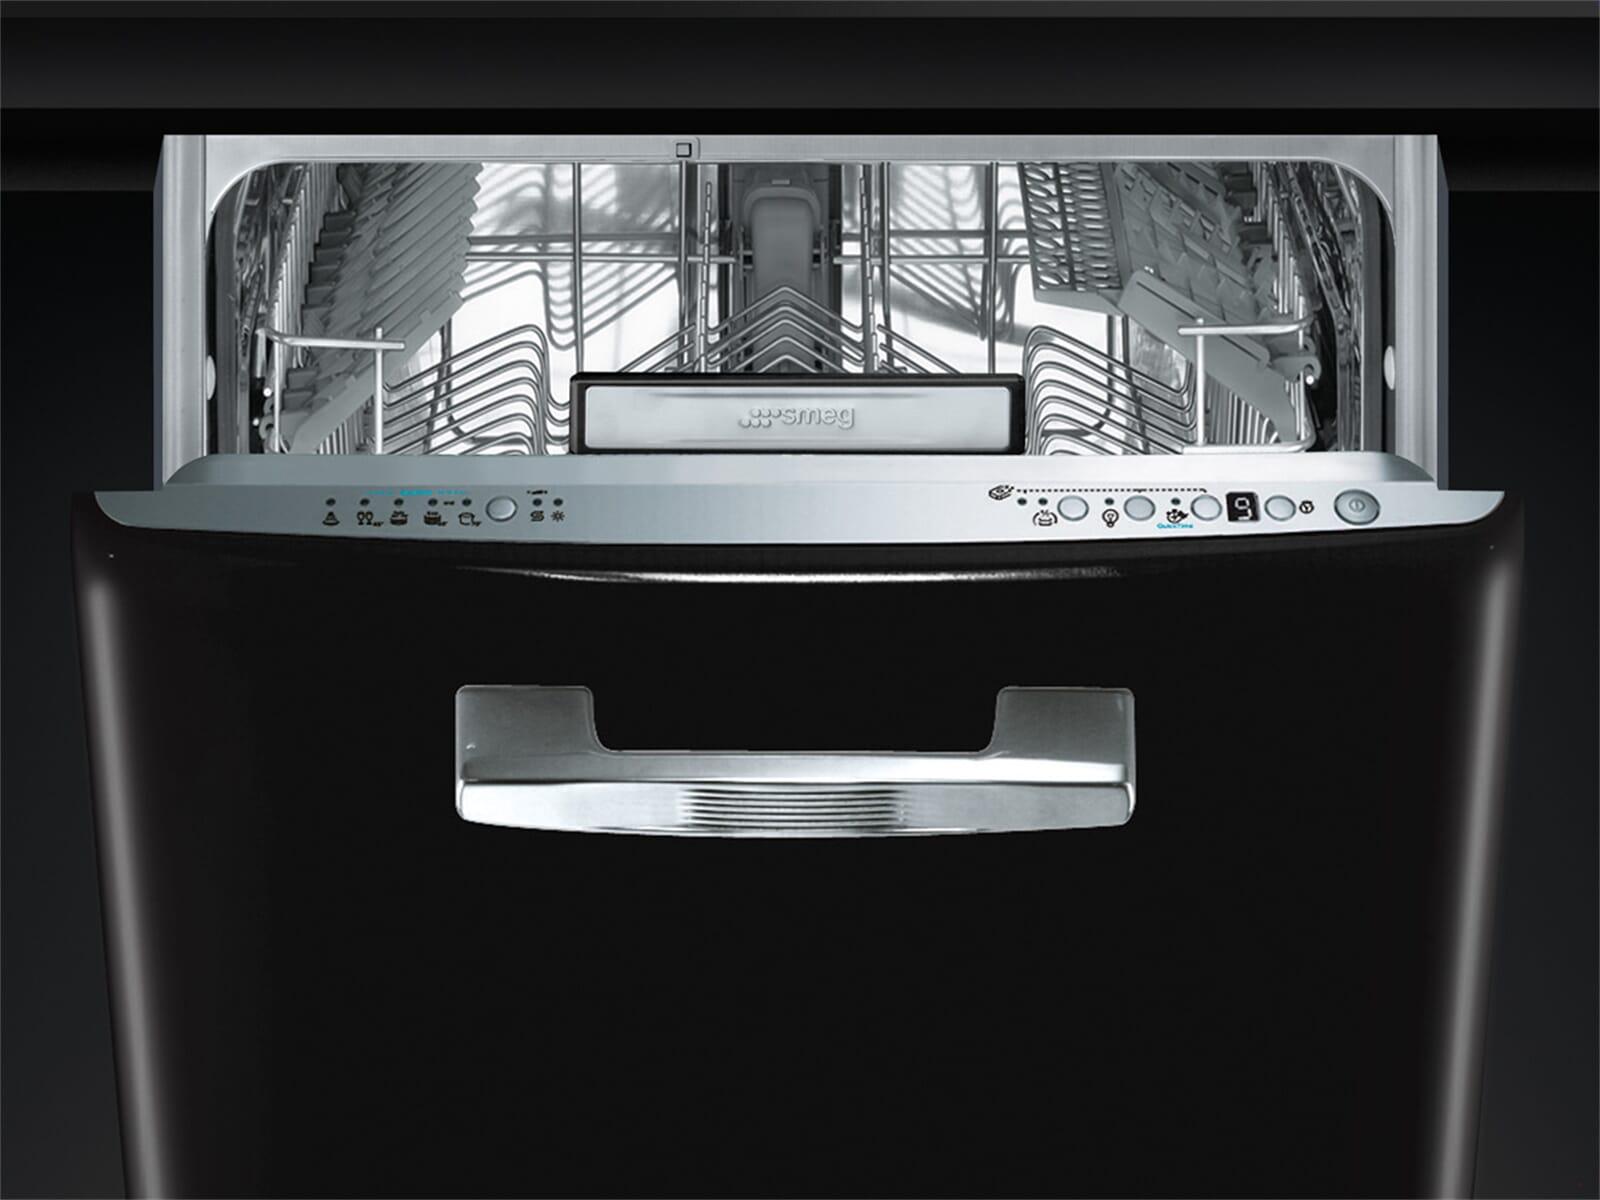 Smeg Kühlschrank Bedienungsanleitung : Smeg st2fabbl unterbaugeschirrspüler schwarz